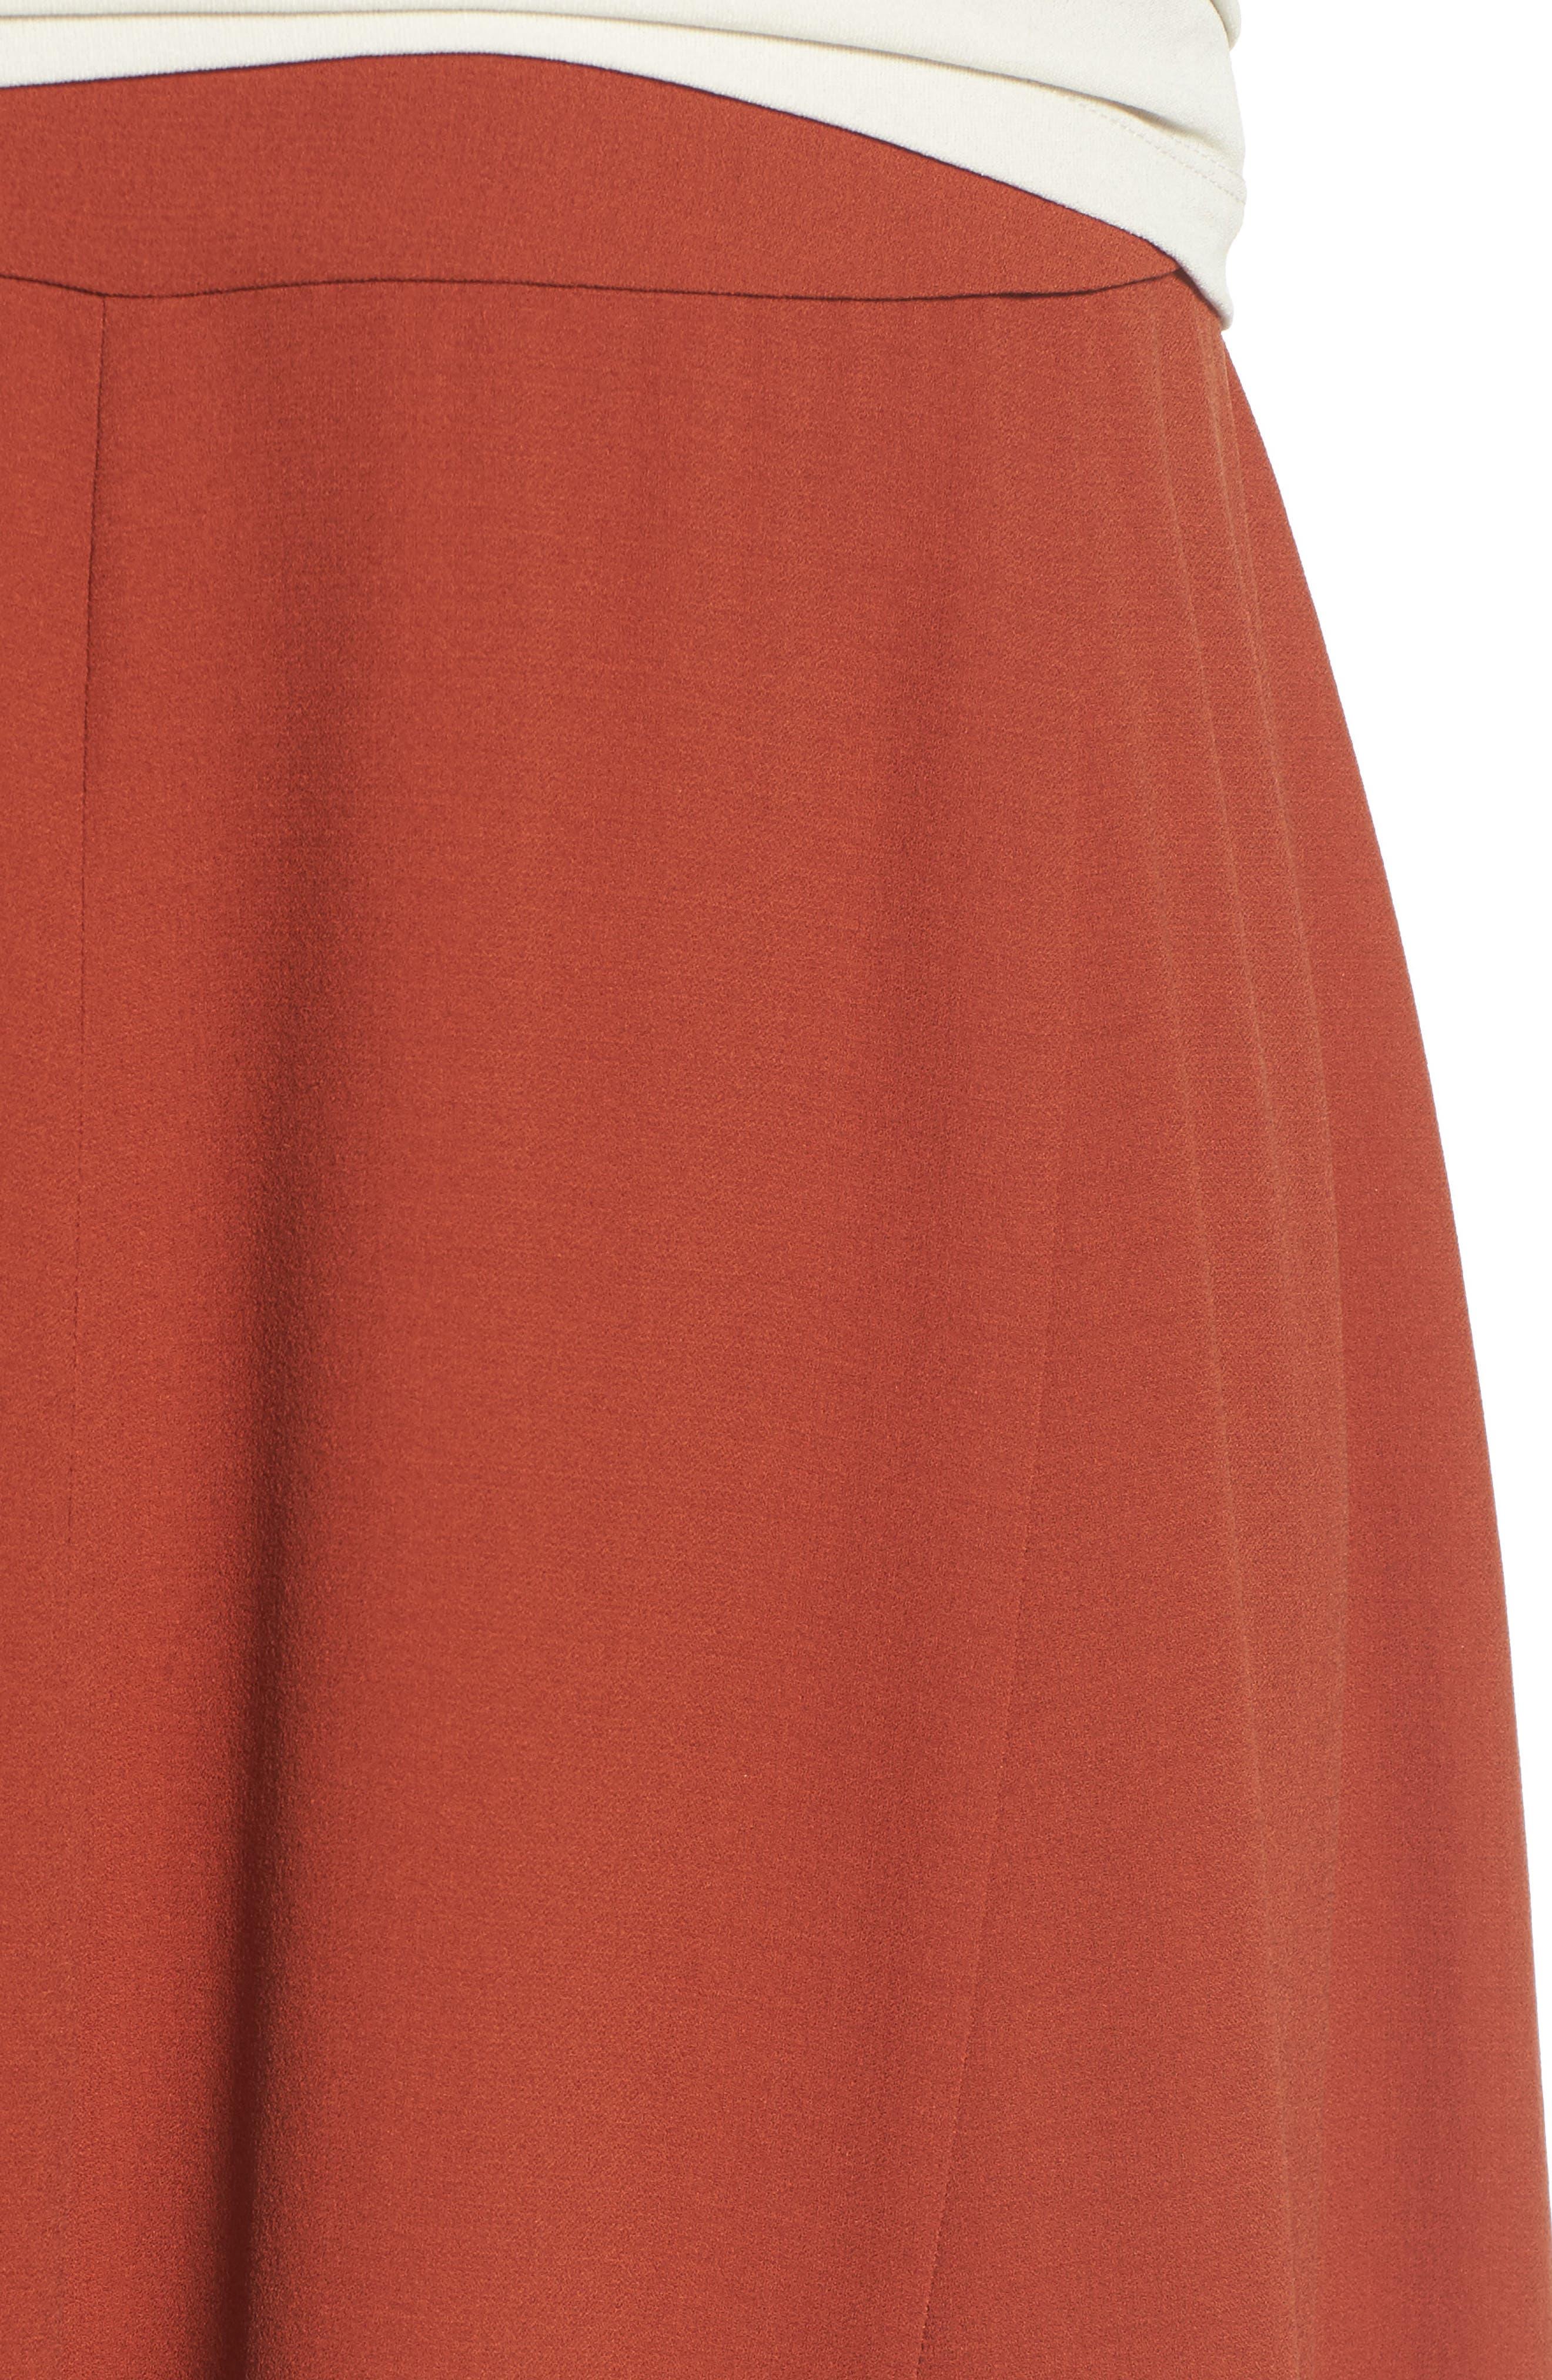 Alternate Image 4  - Eileen Fisher Gored Silk Skirt